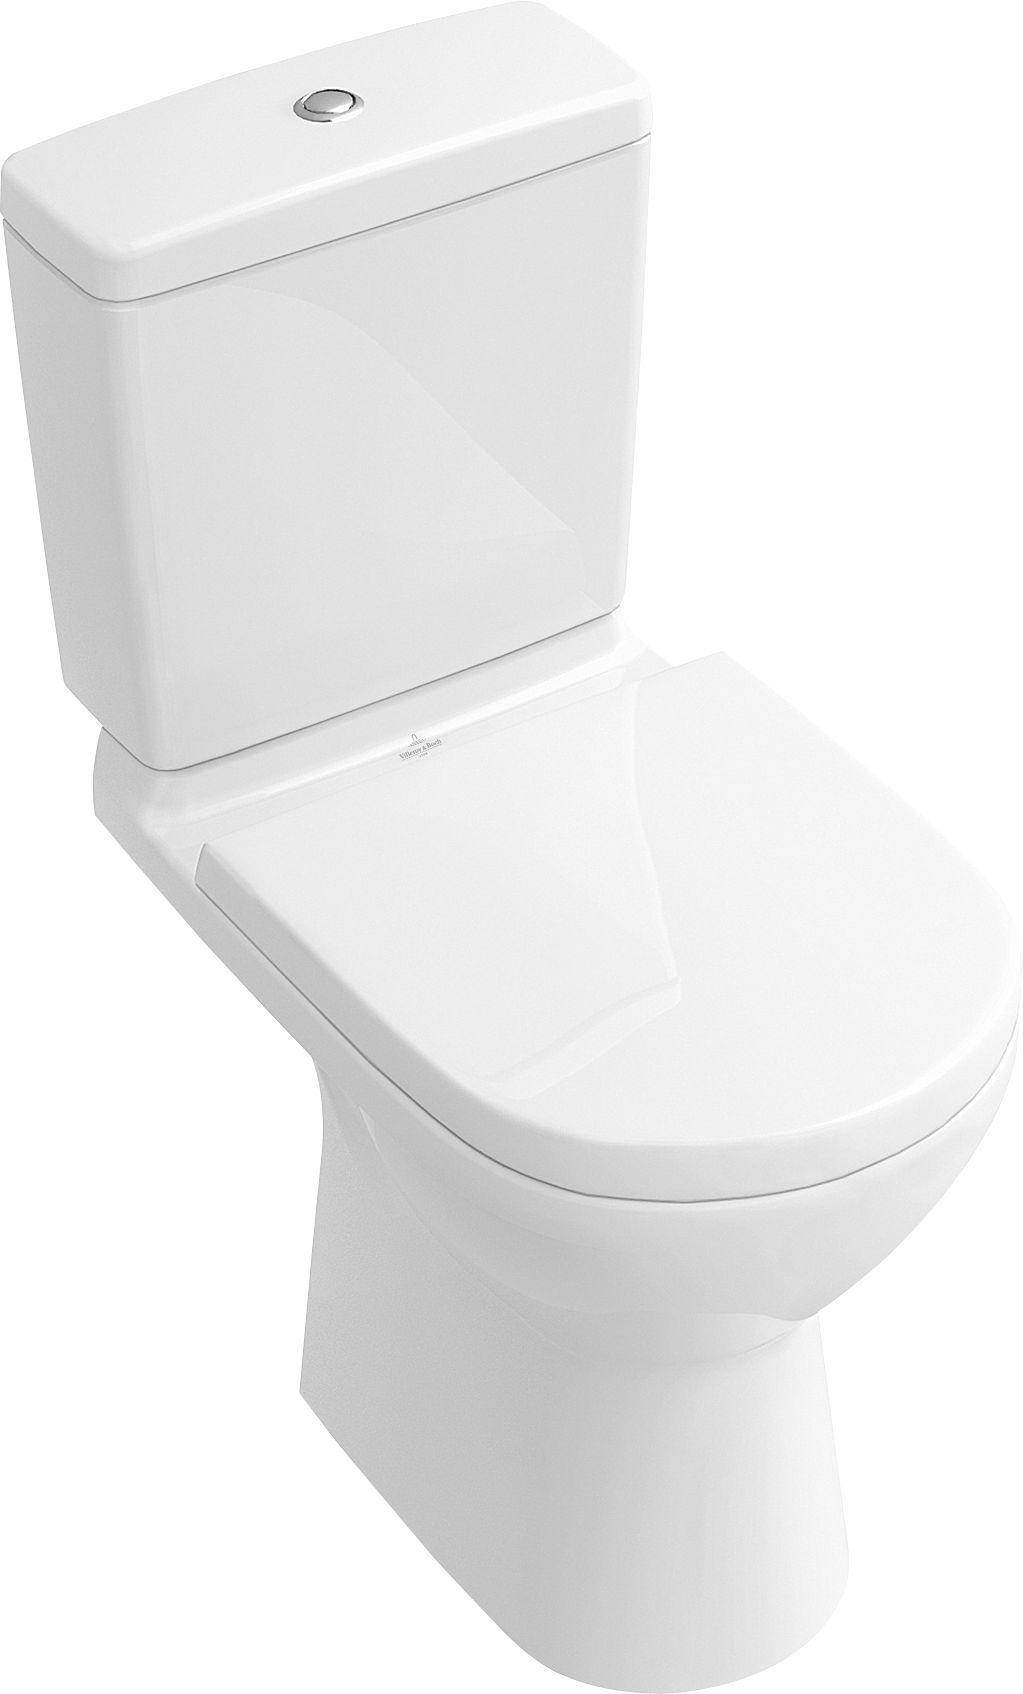 Villeroy & Boch O.novo Stand-Tiefspül-WC DirectFlush mit offenem Spülrand für Aufsatzspülkasten L:67xB:36xH:40cm weiß 5661R001